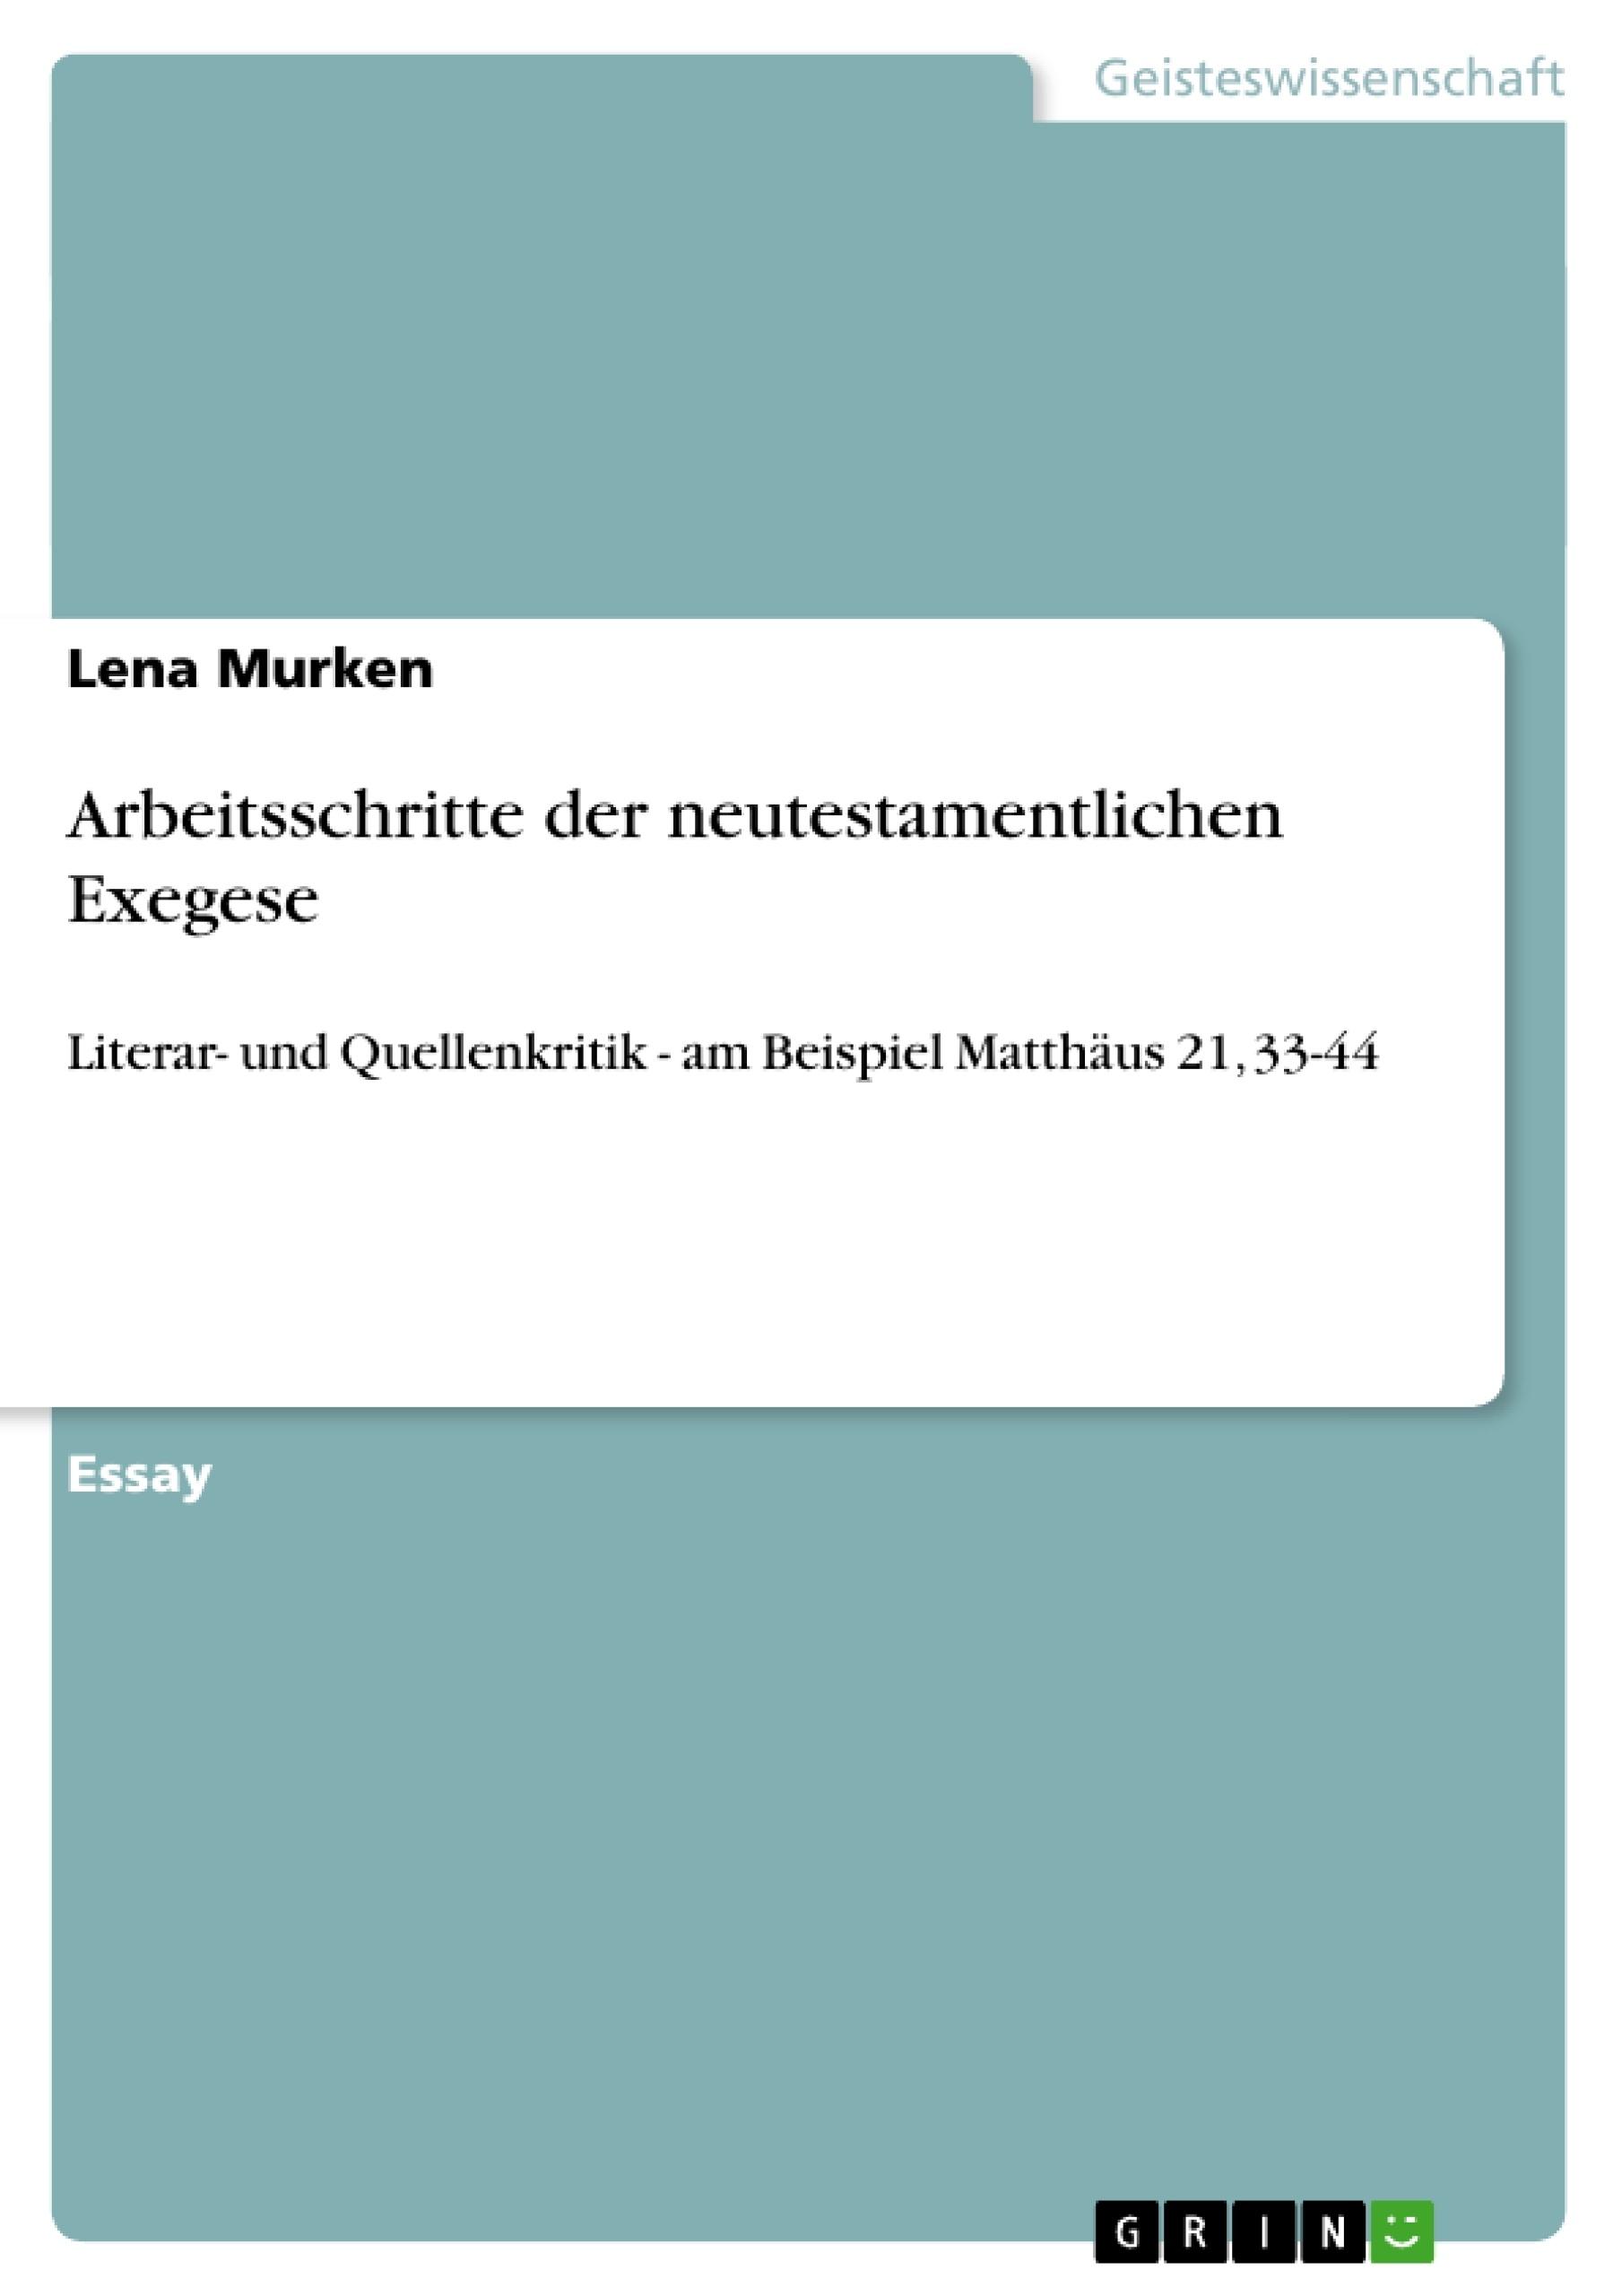 Titel: Arbeitsschritte der neutestamentlichen Exegese